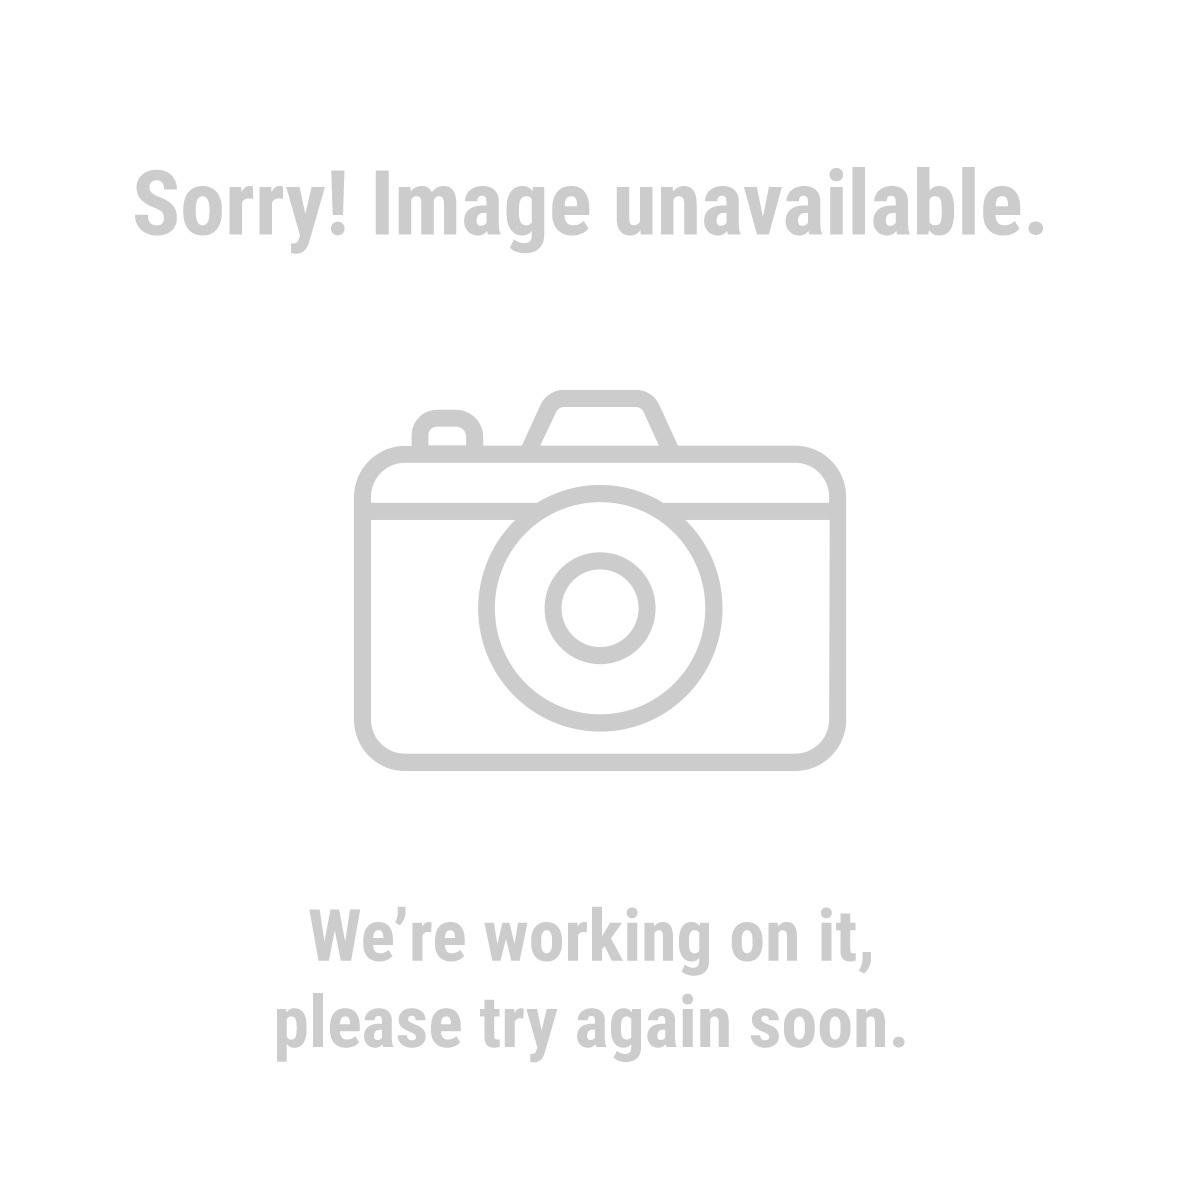 Western Safety Gloves 99581 Riding/Stable Work Gloves, Medium